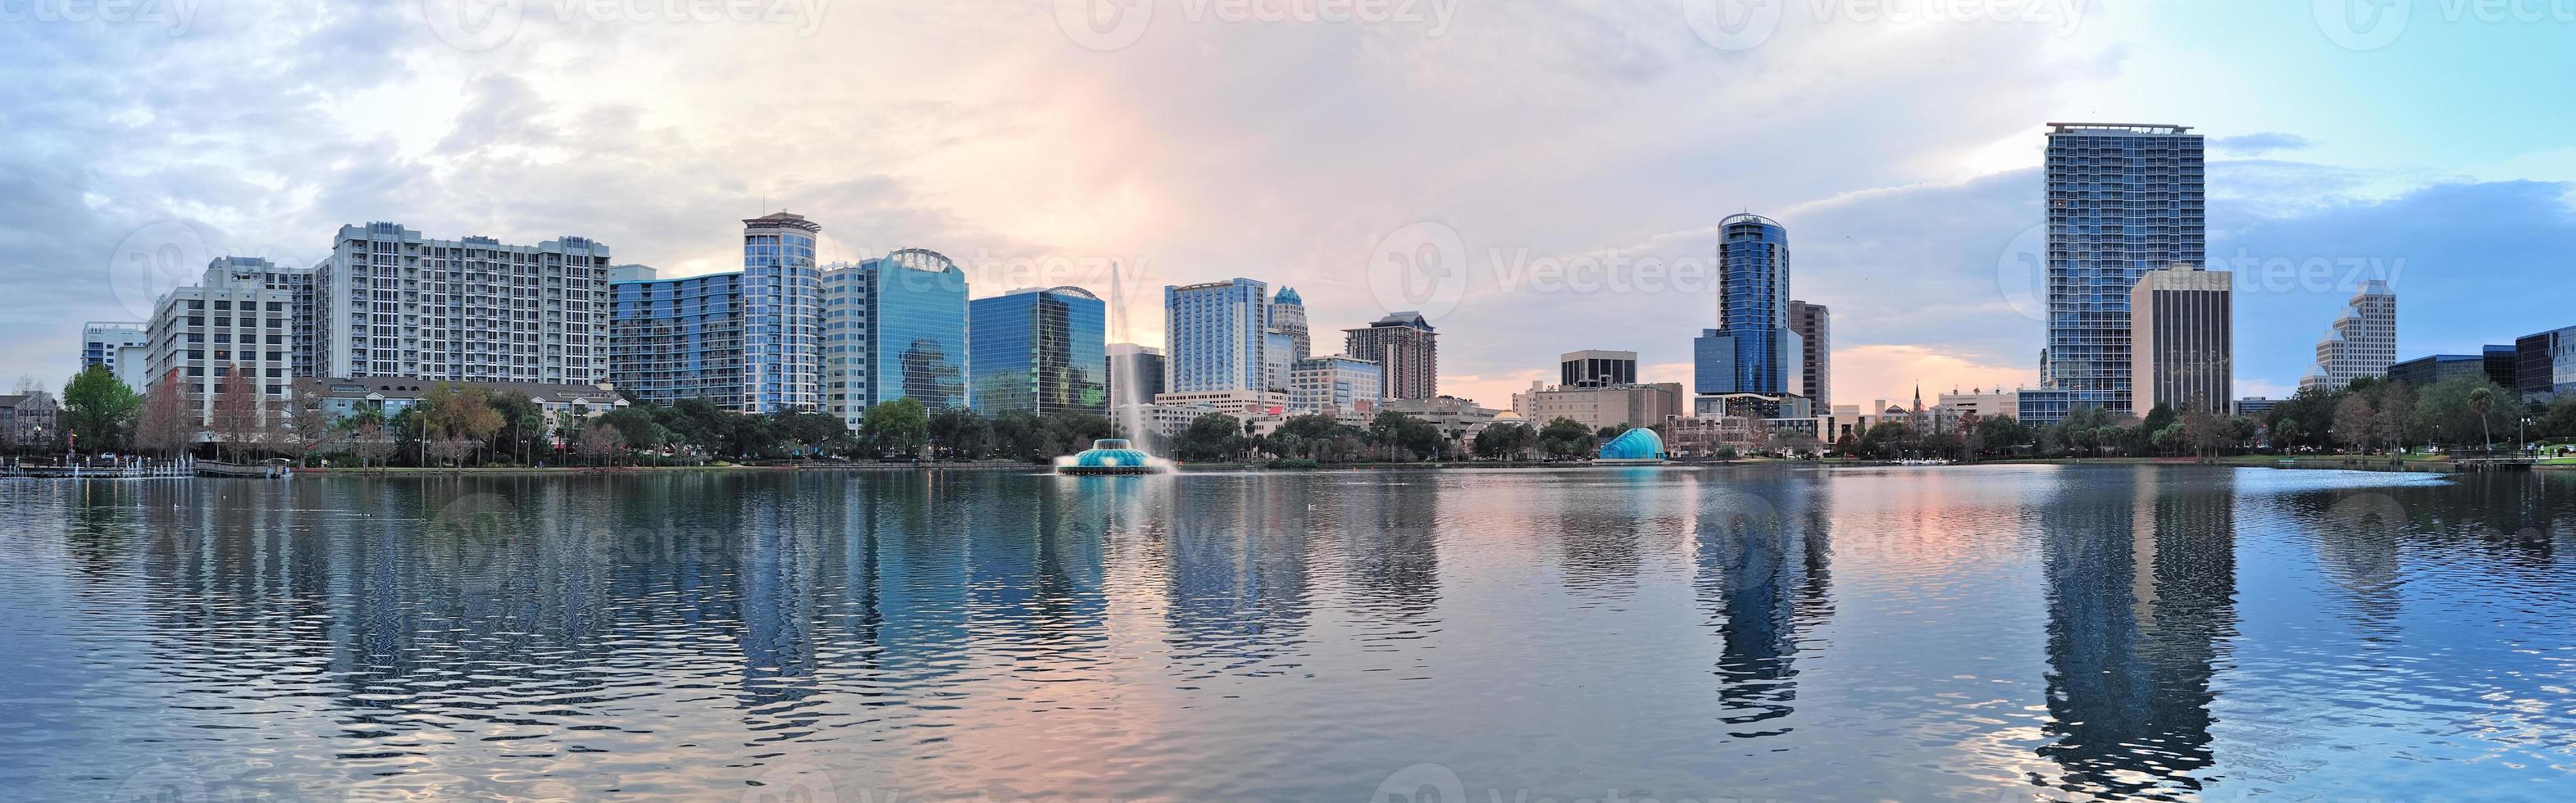 Orlando panorama photo